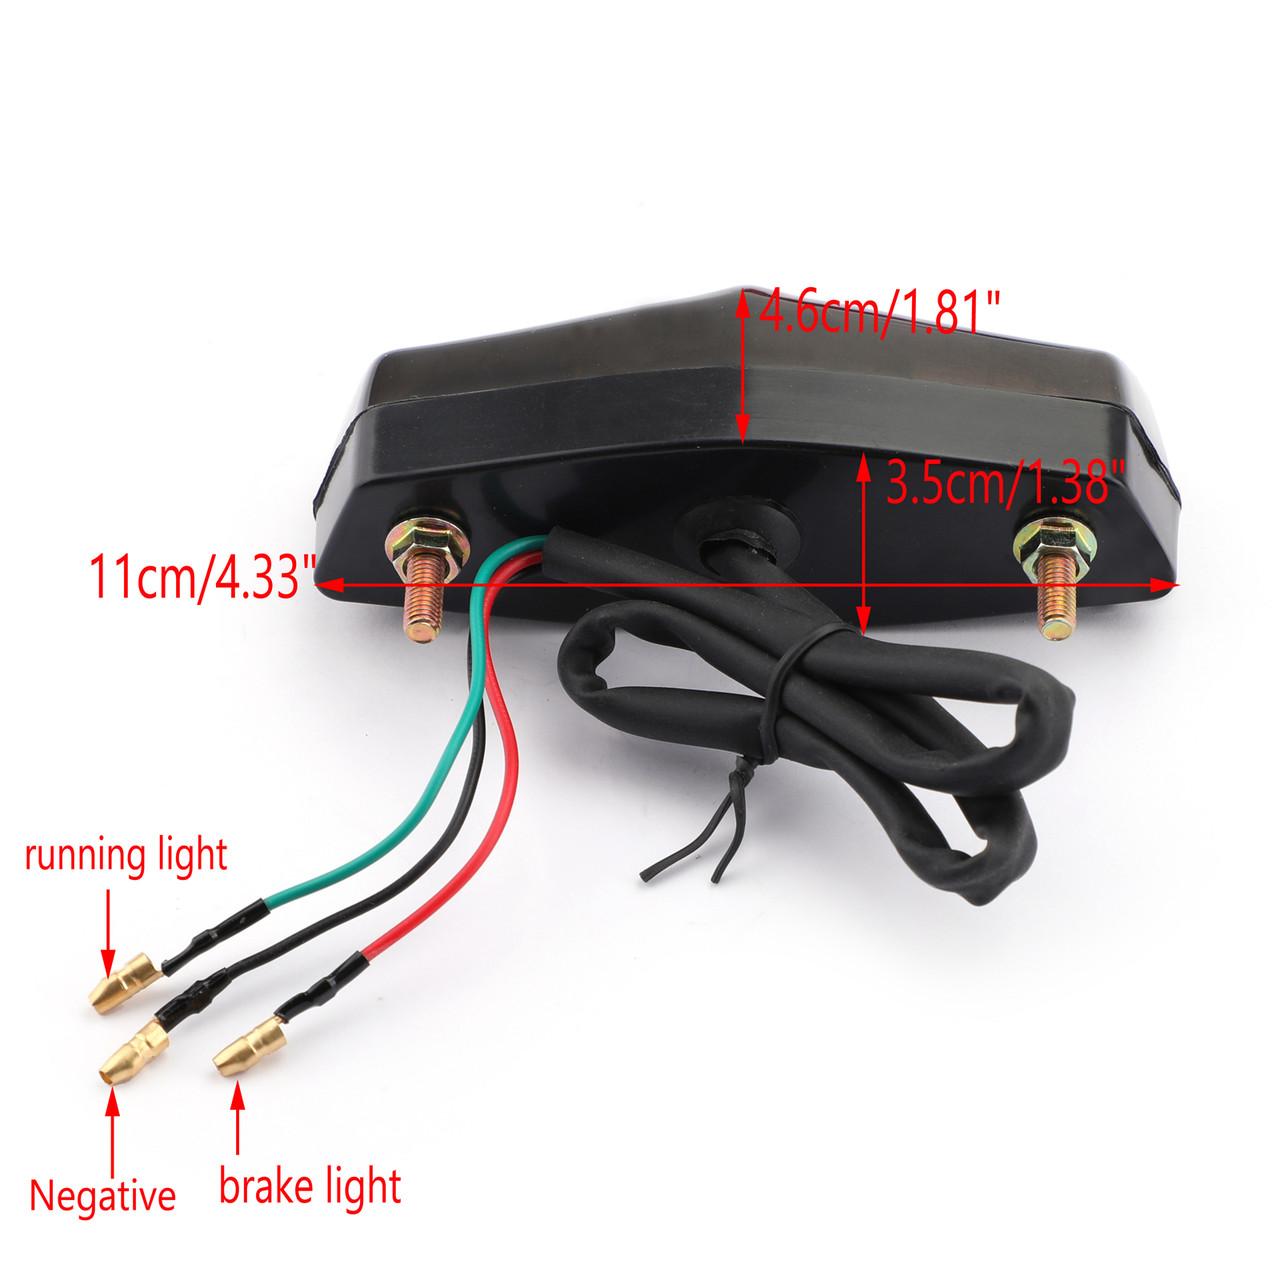 LED Red Brake Stop Running Rear Tail Light Lamp For Universal Motorcycle Smoke